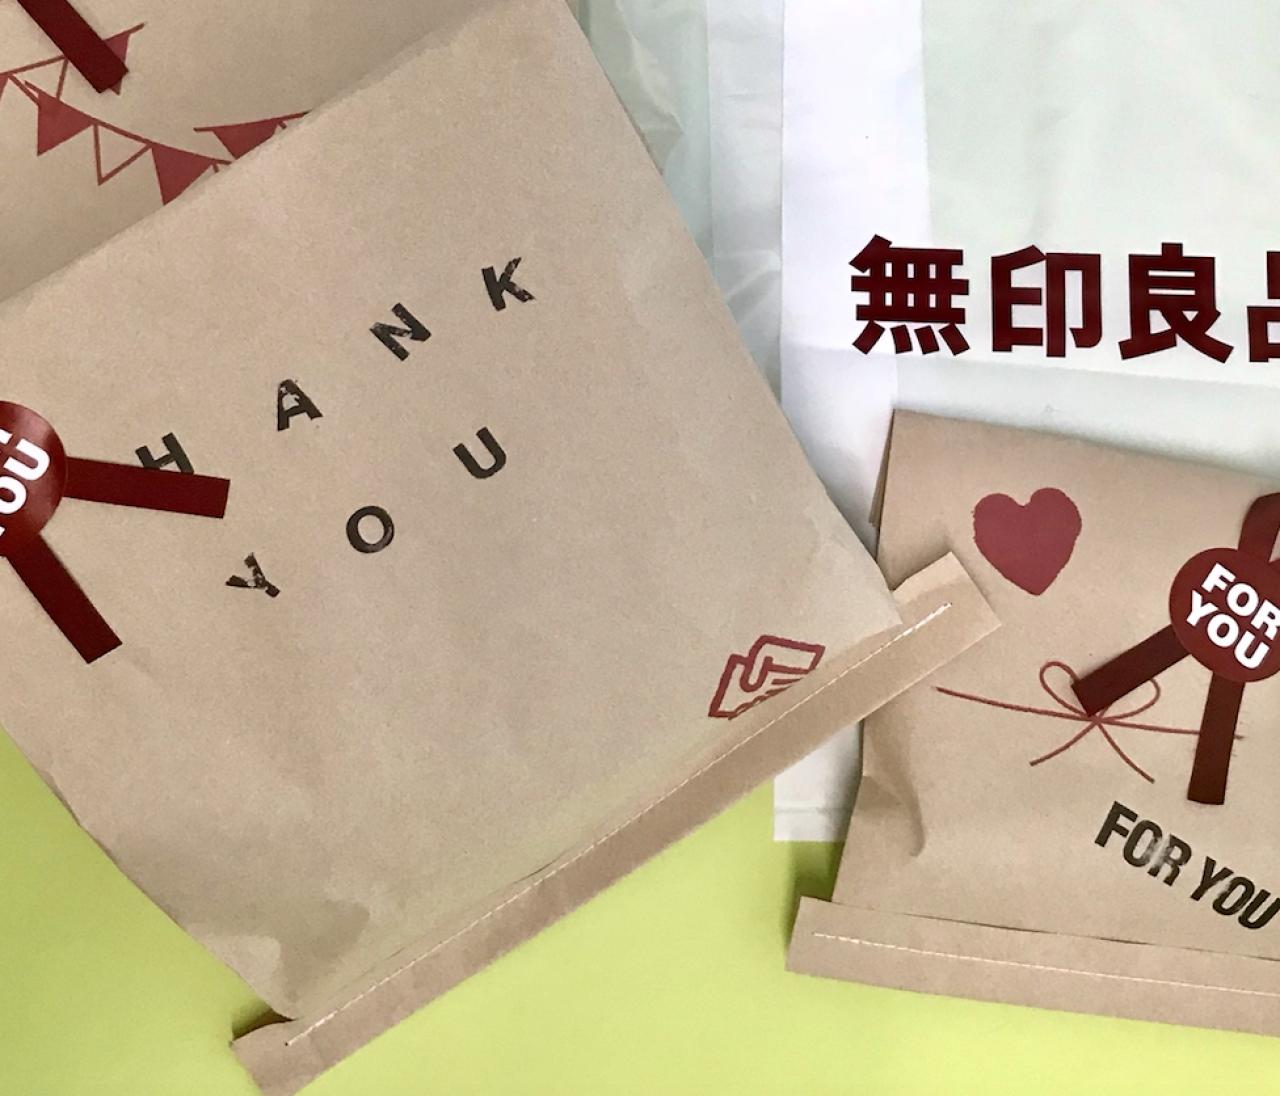 税込¥990以下♡【無印良品】のセンス満点バレンタインギフト8